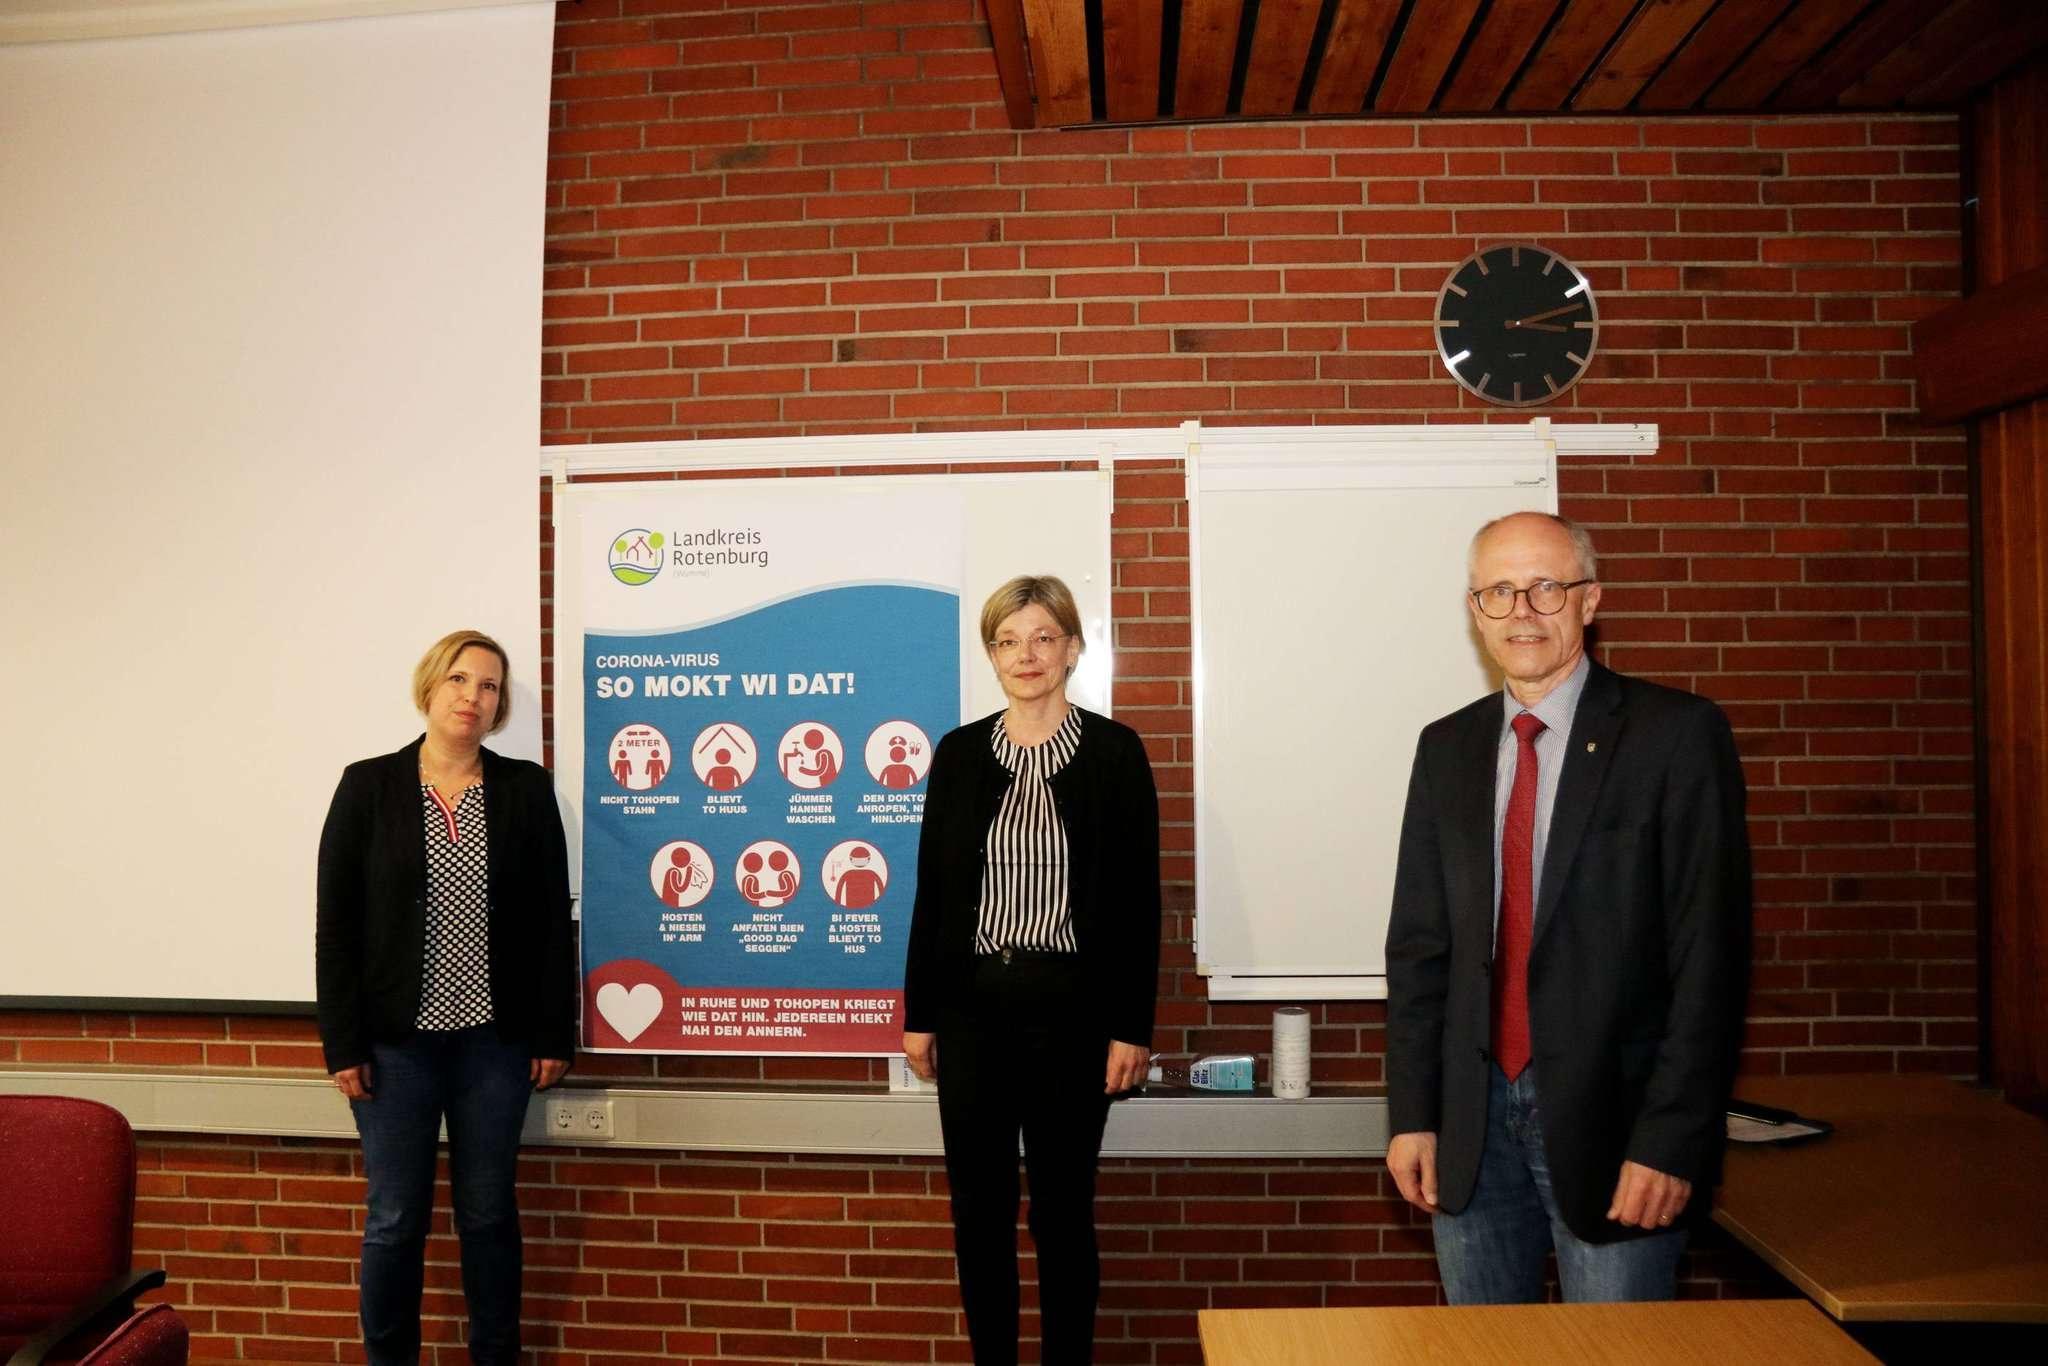 Heike von Ostrowski (von links), Carmen Menzel und Hermann Luttmann weisen auf Vorsichtsmaßnahmen hin u2013